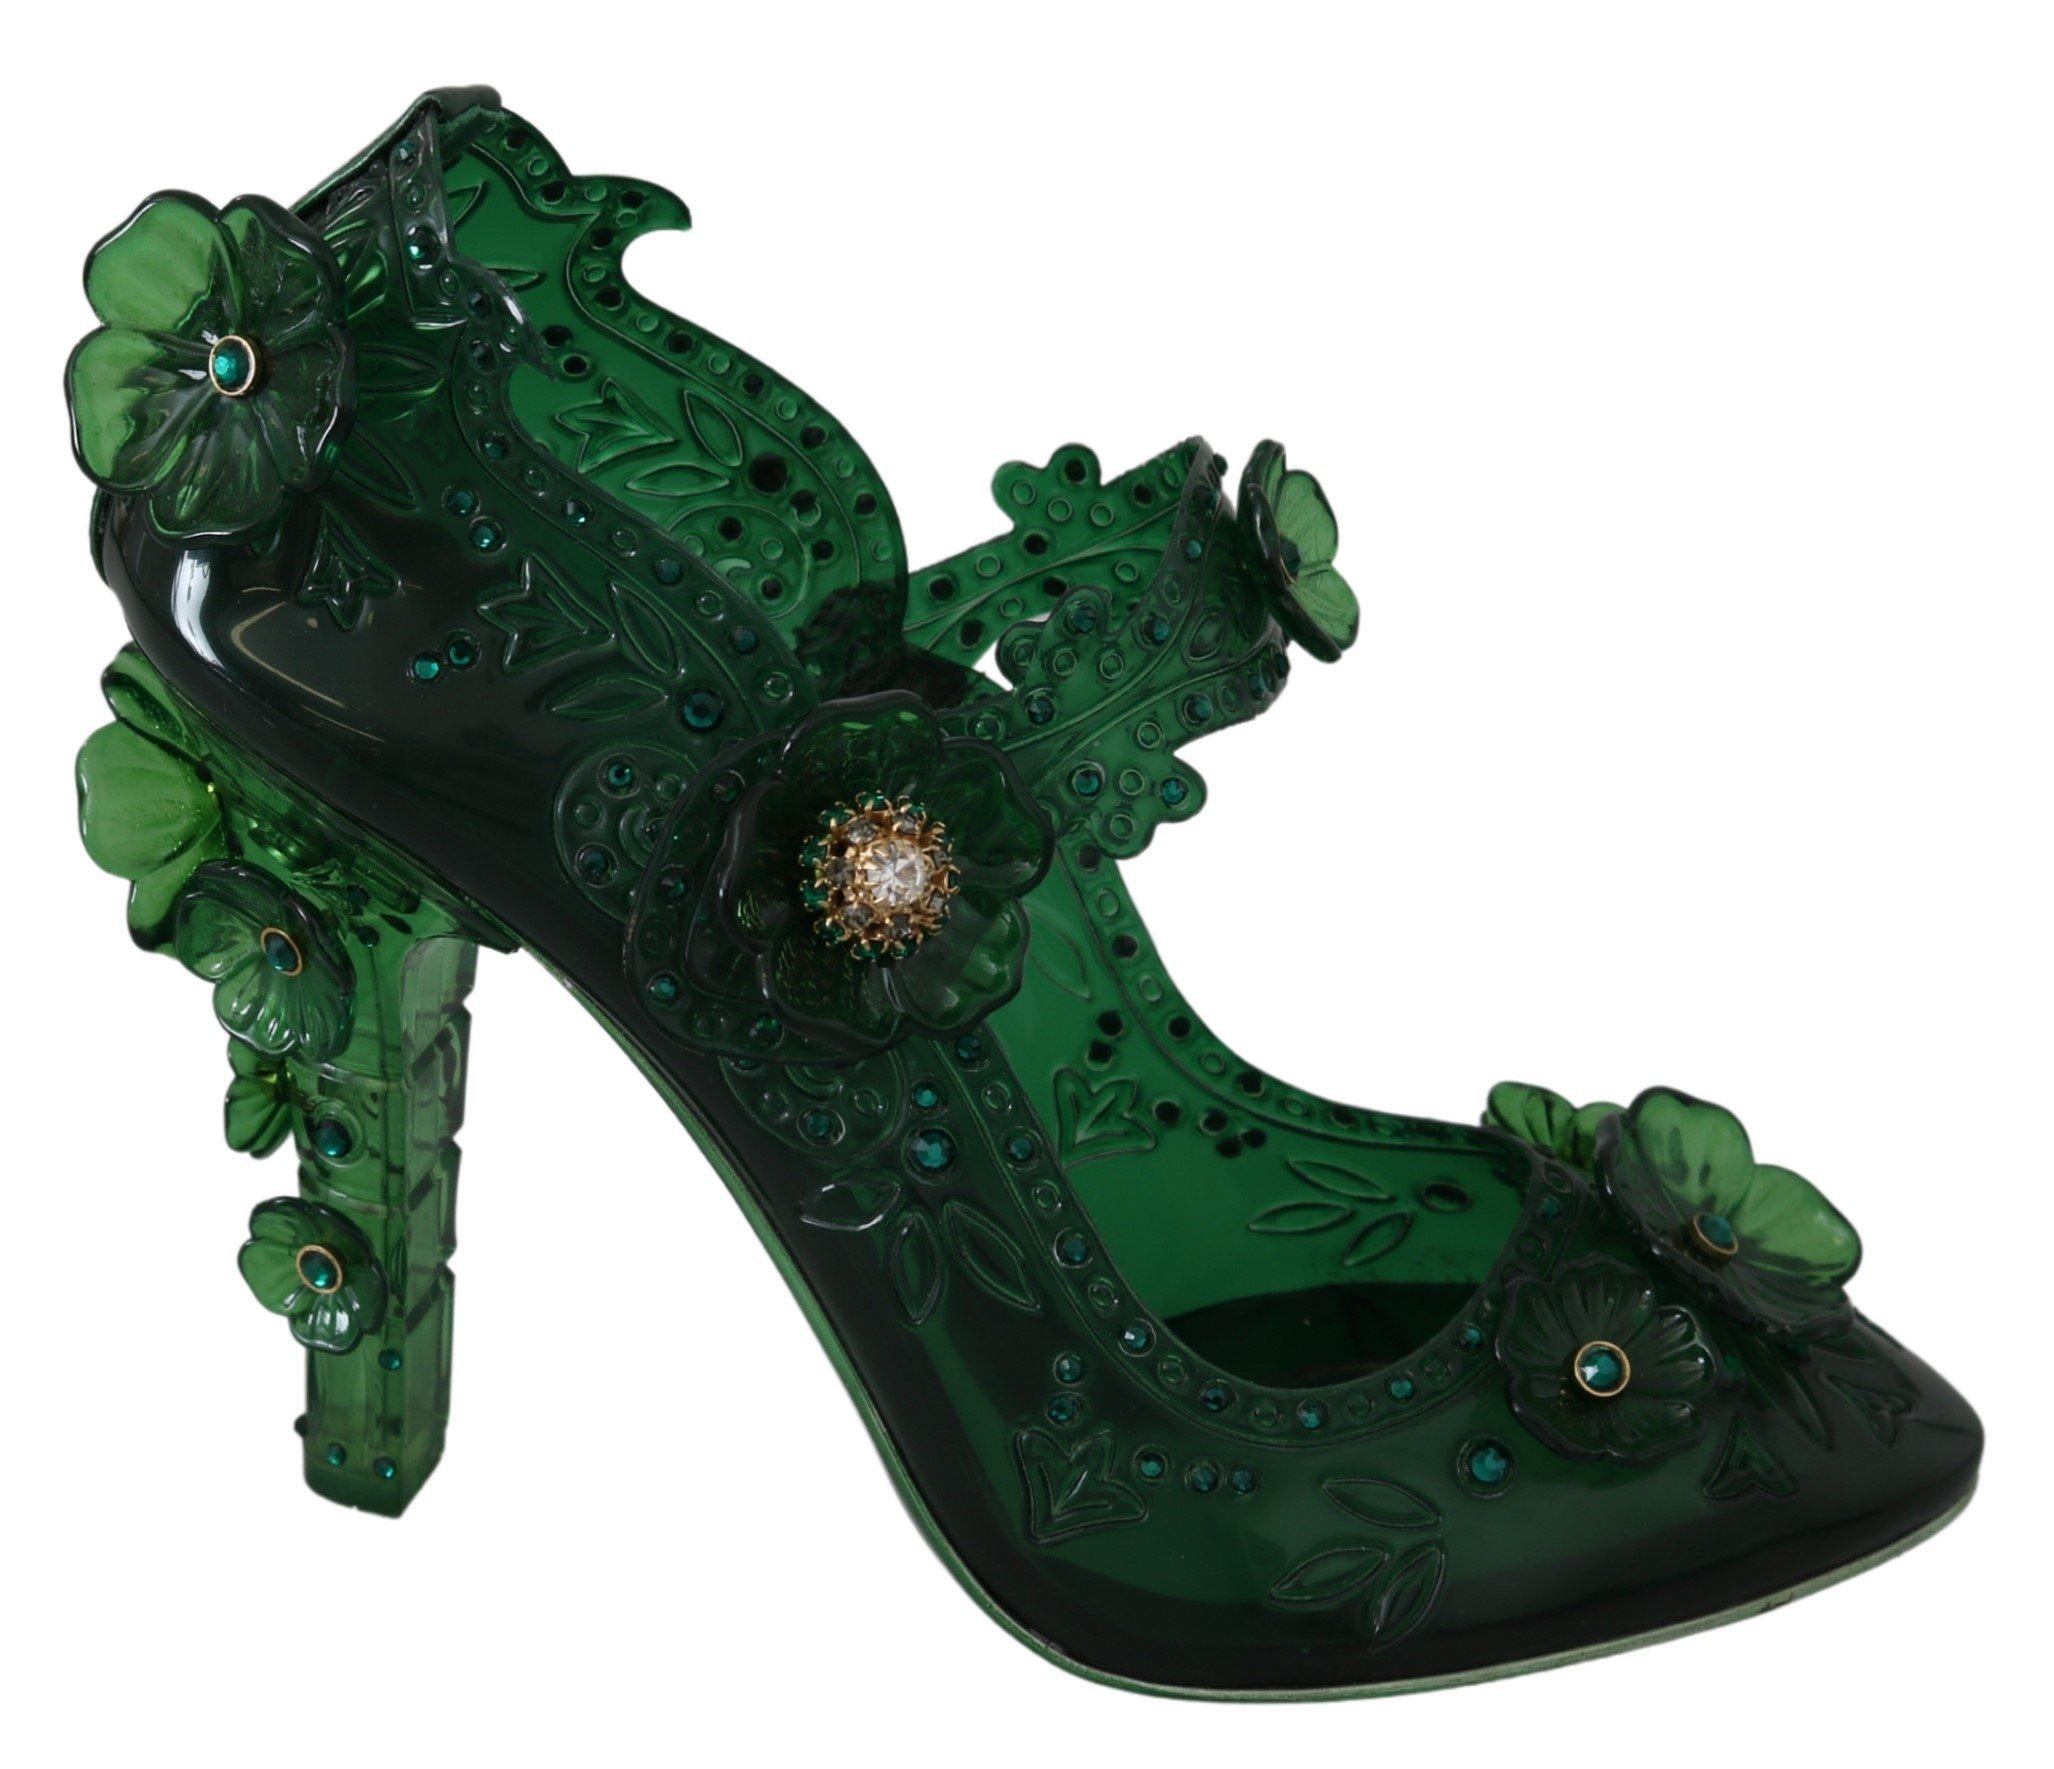 Dolce & Gabbana Women's Floral Crystal CINDERELLA Pumps Green LA7290 - EU39/US8.5